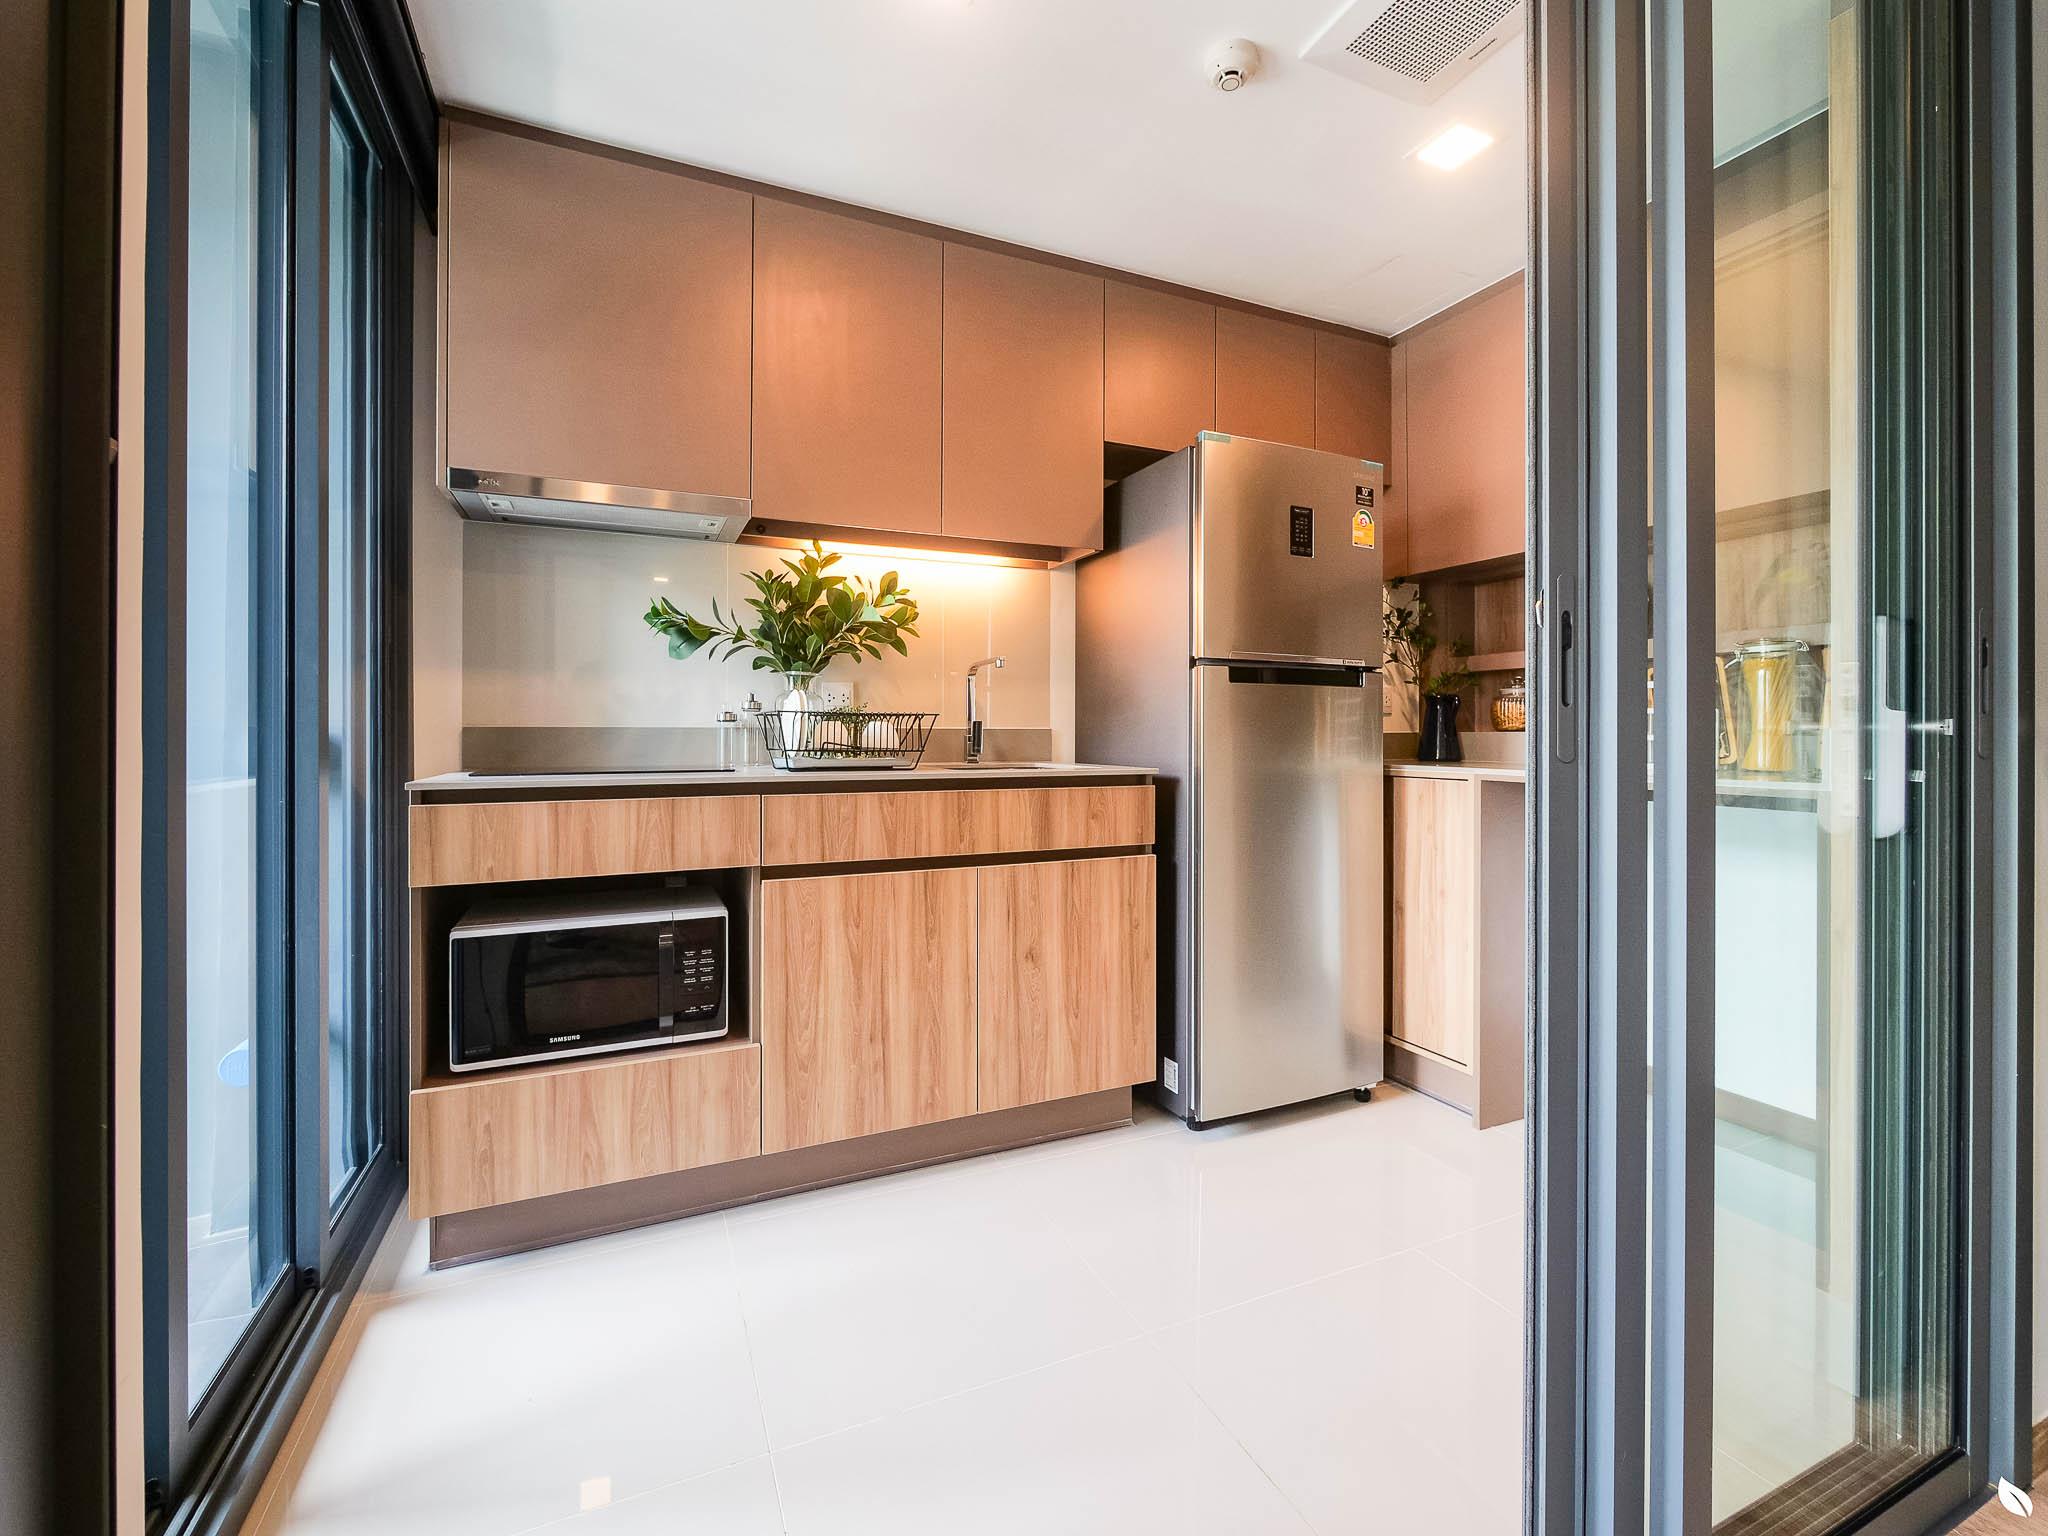 """""""ทากะ เฮาส์"""" (STAY UNIQUE, STAY DIVERSE) ตอบโจทย์การใช้ชีวิตที่ปรับเปลี่ยนได้ในแบบที่เป็นคุณ 33 - Condominium"""